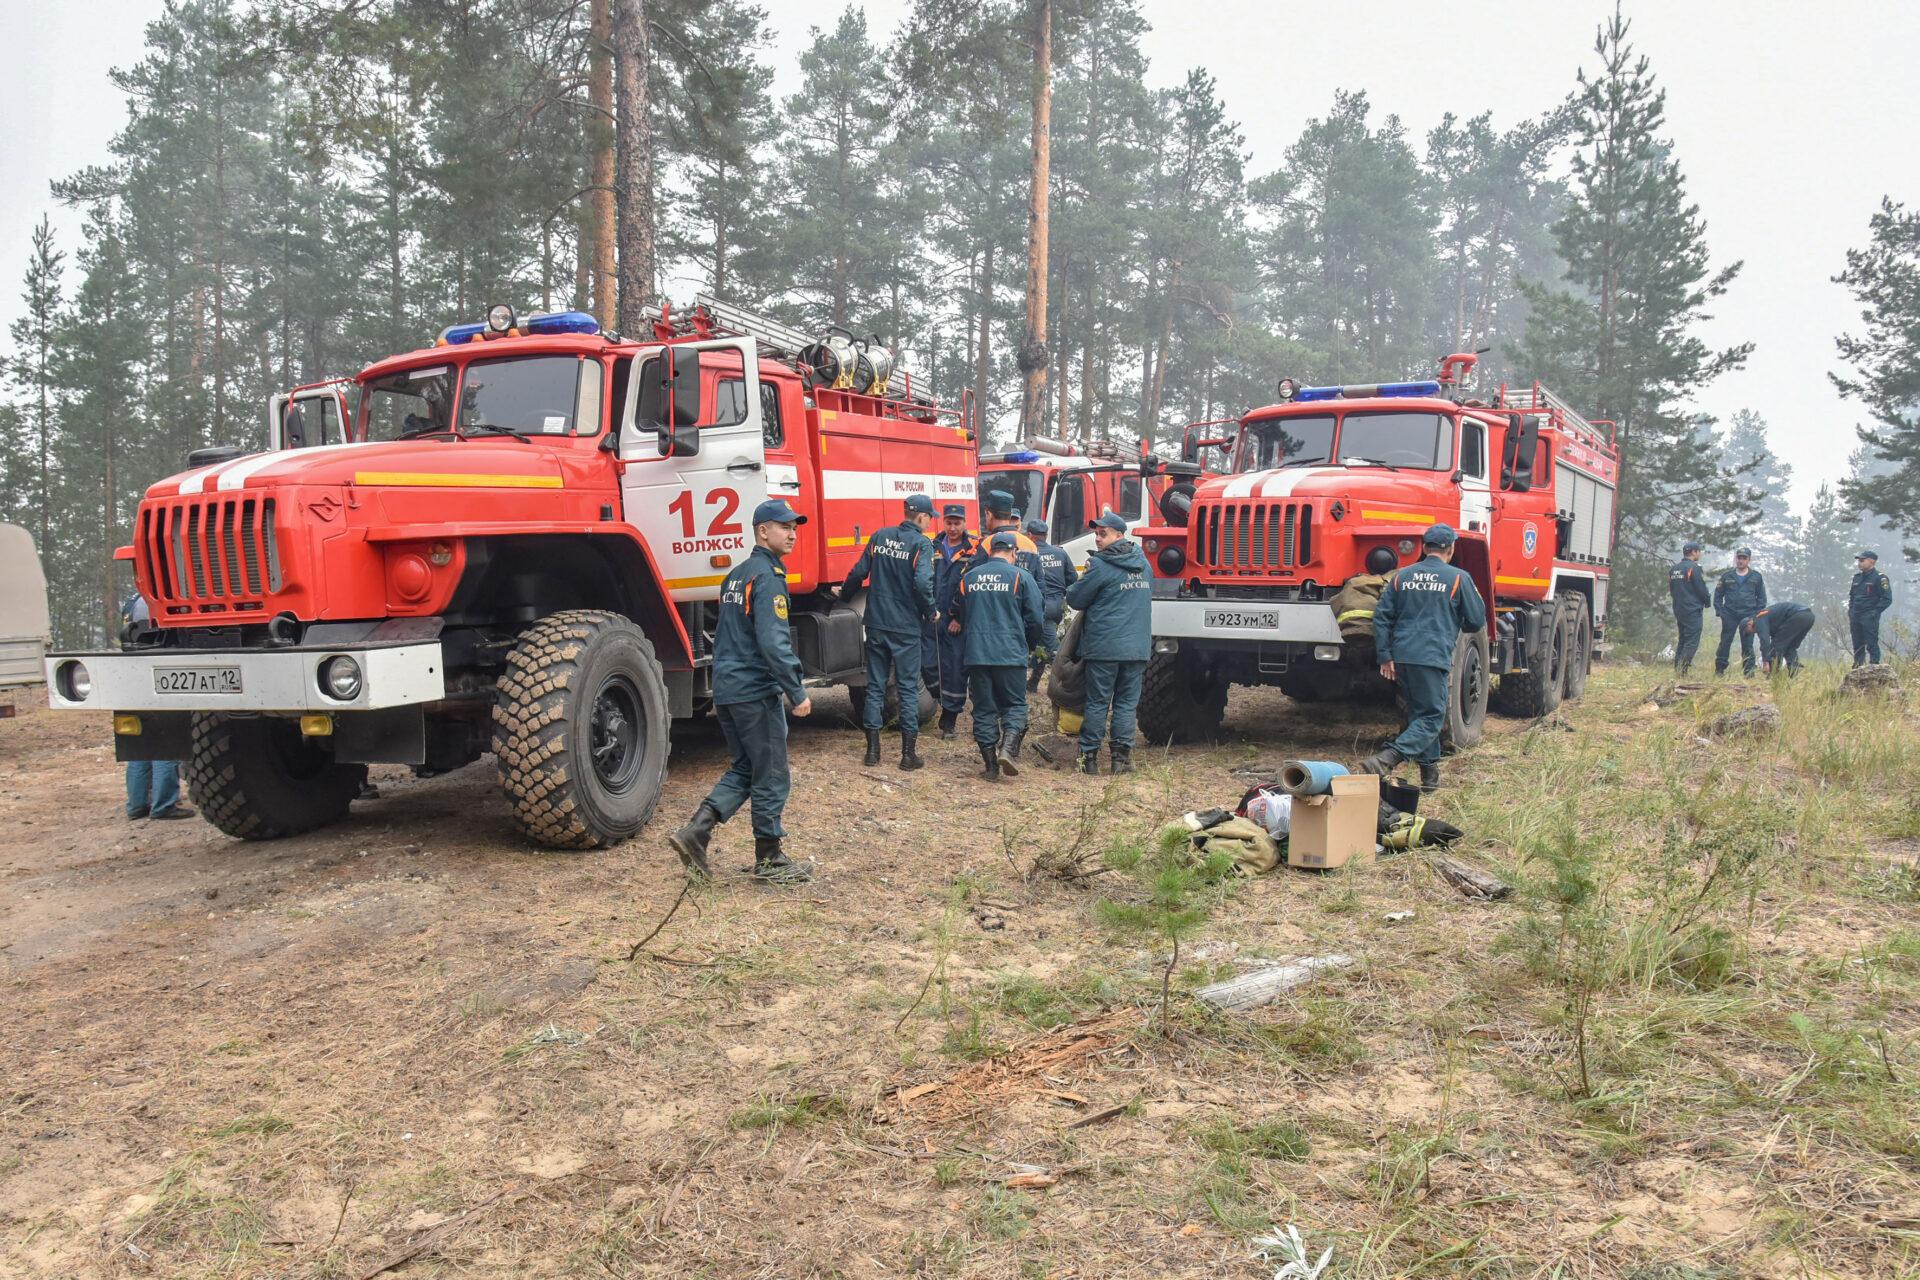 Число привлеченных для тушения лесного пожара в Марий Эл военных увеличат до 100